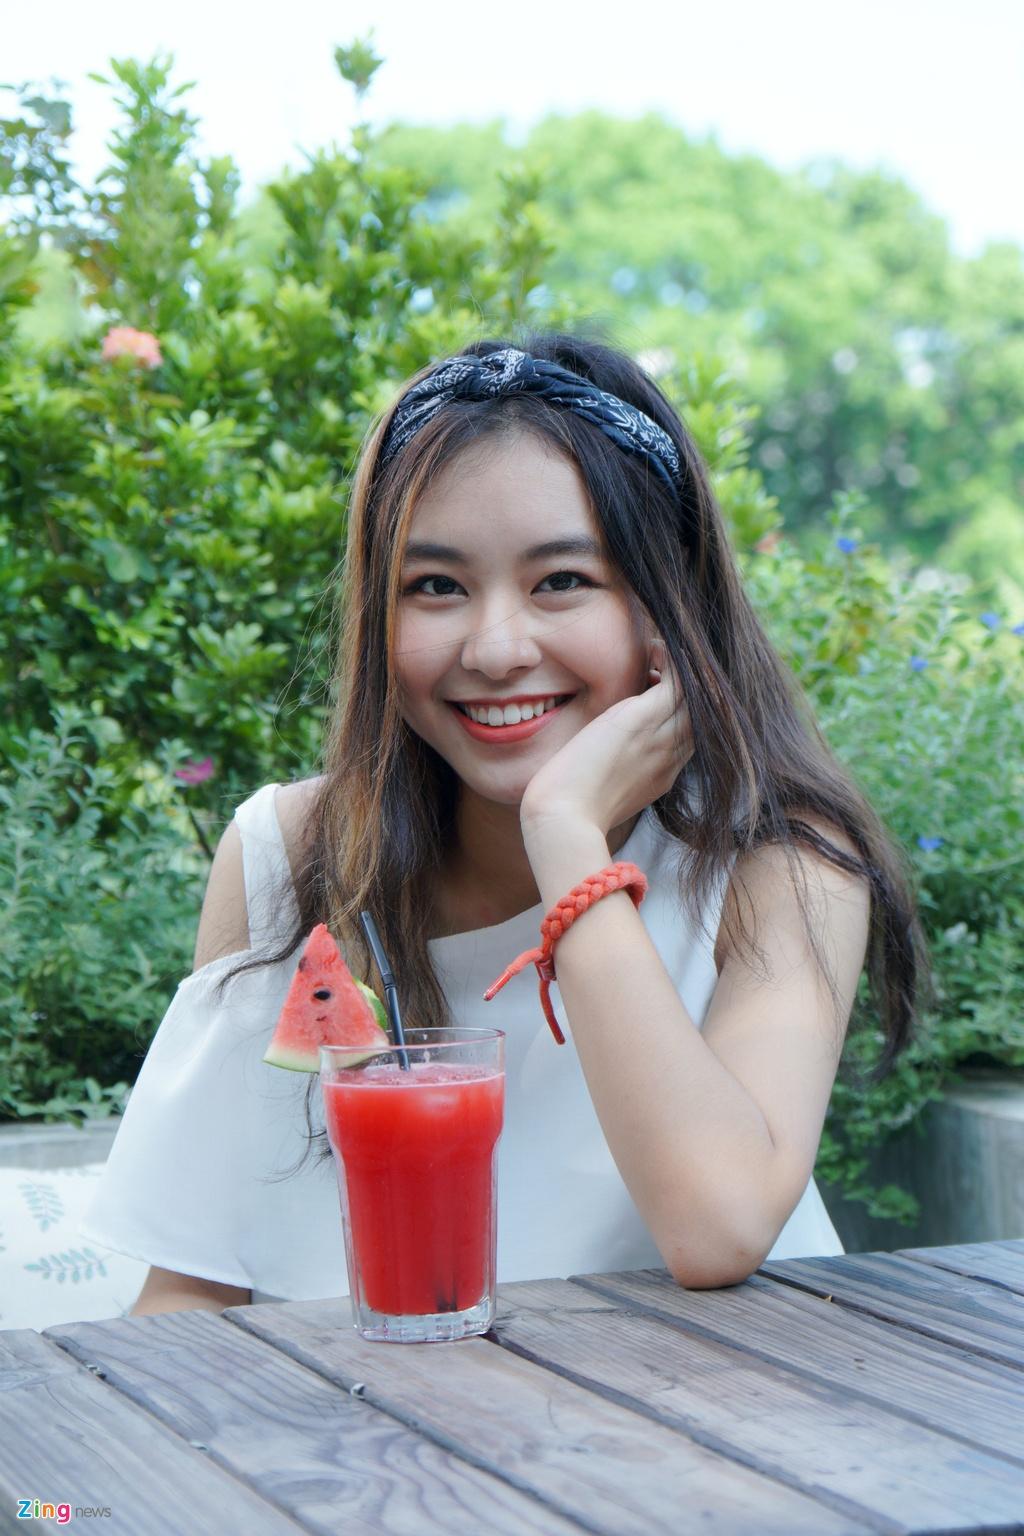 9X xinh dep dong MV cung My Tam, gioi 2 ngoai ngu, rat thich choi game hinh anh 7